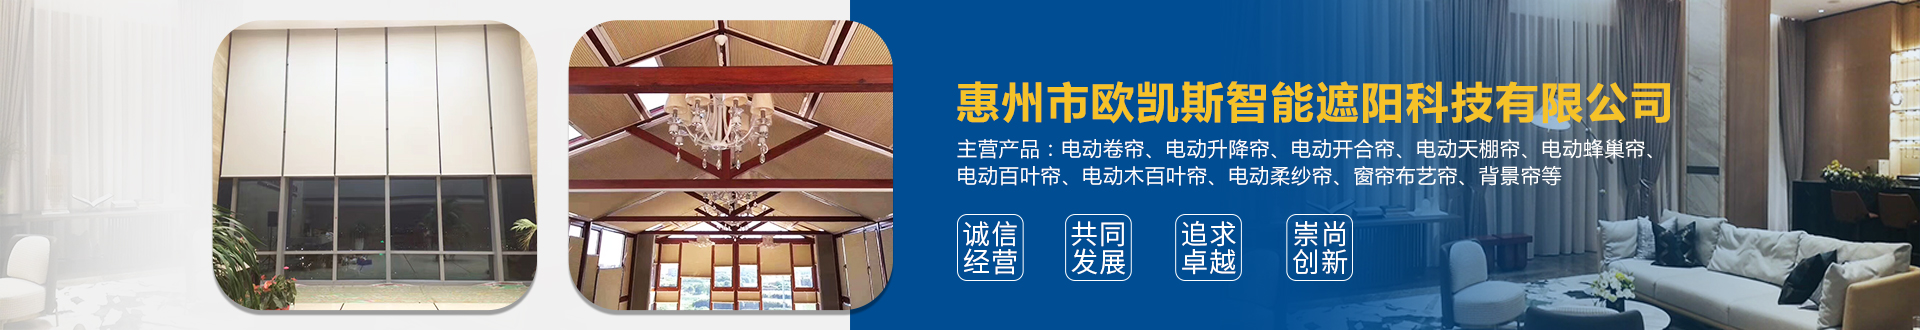 惠州市欧凯斯智能遮阳科技有限公司